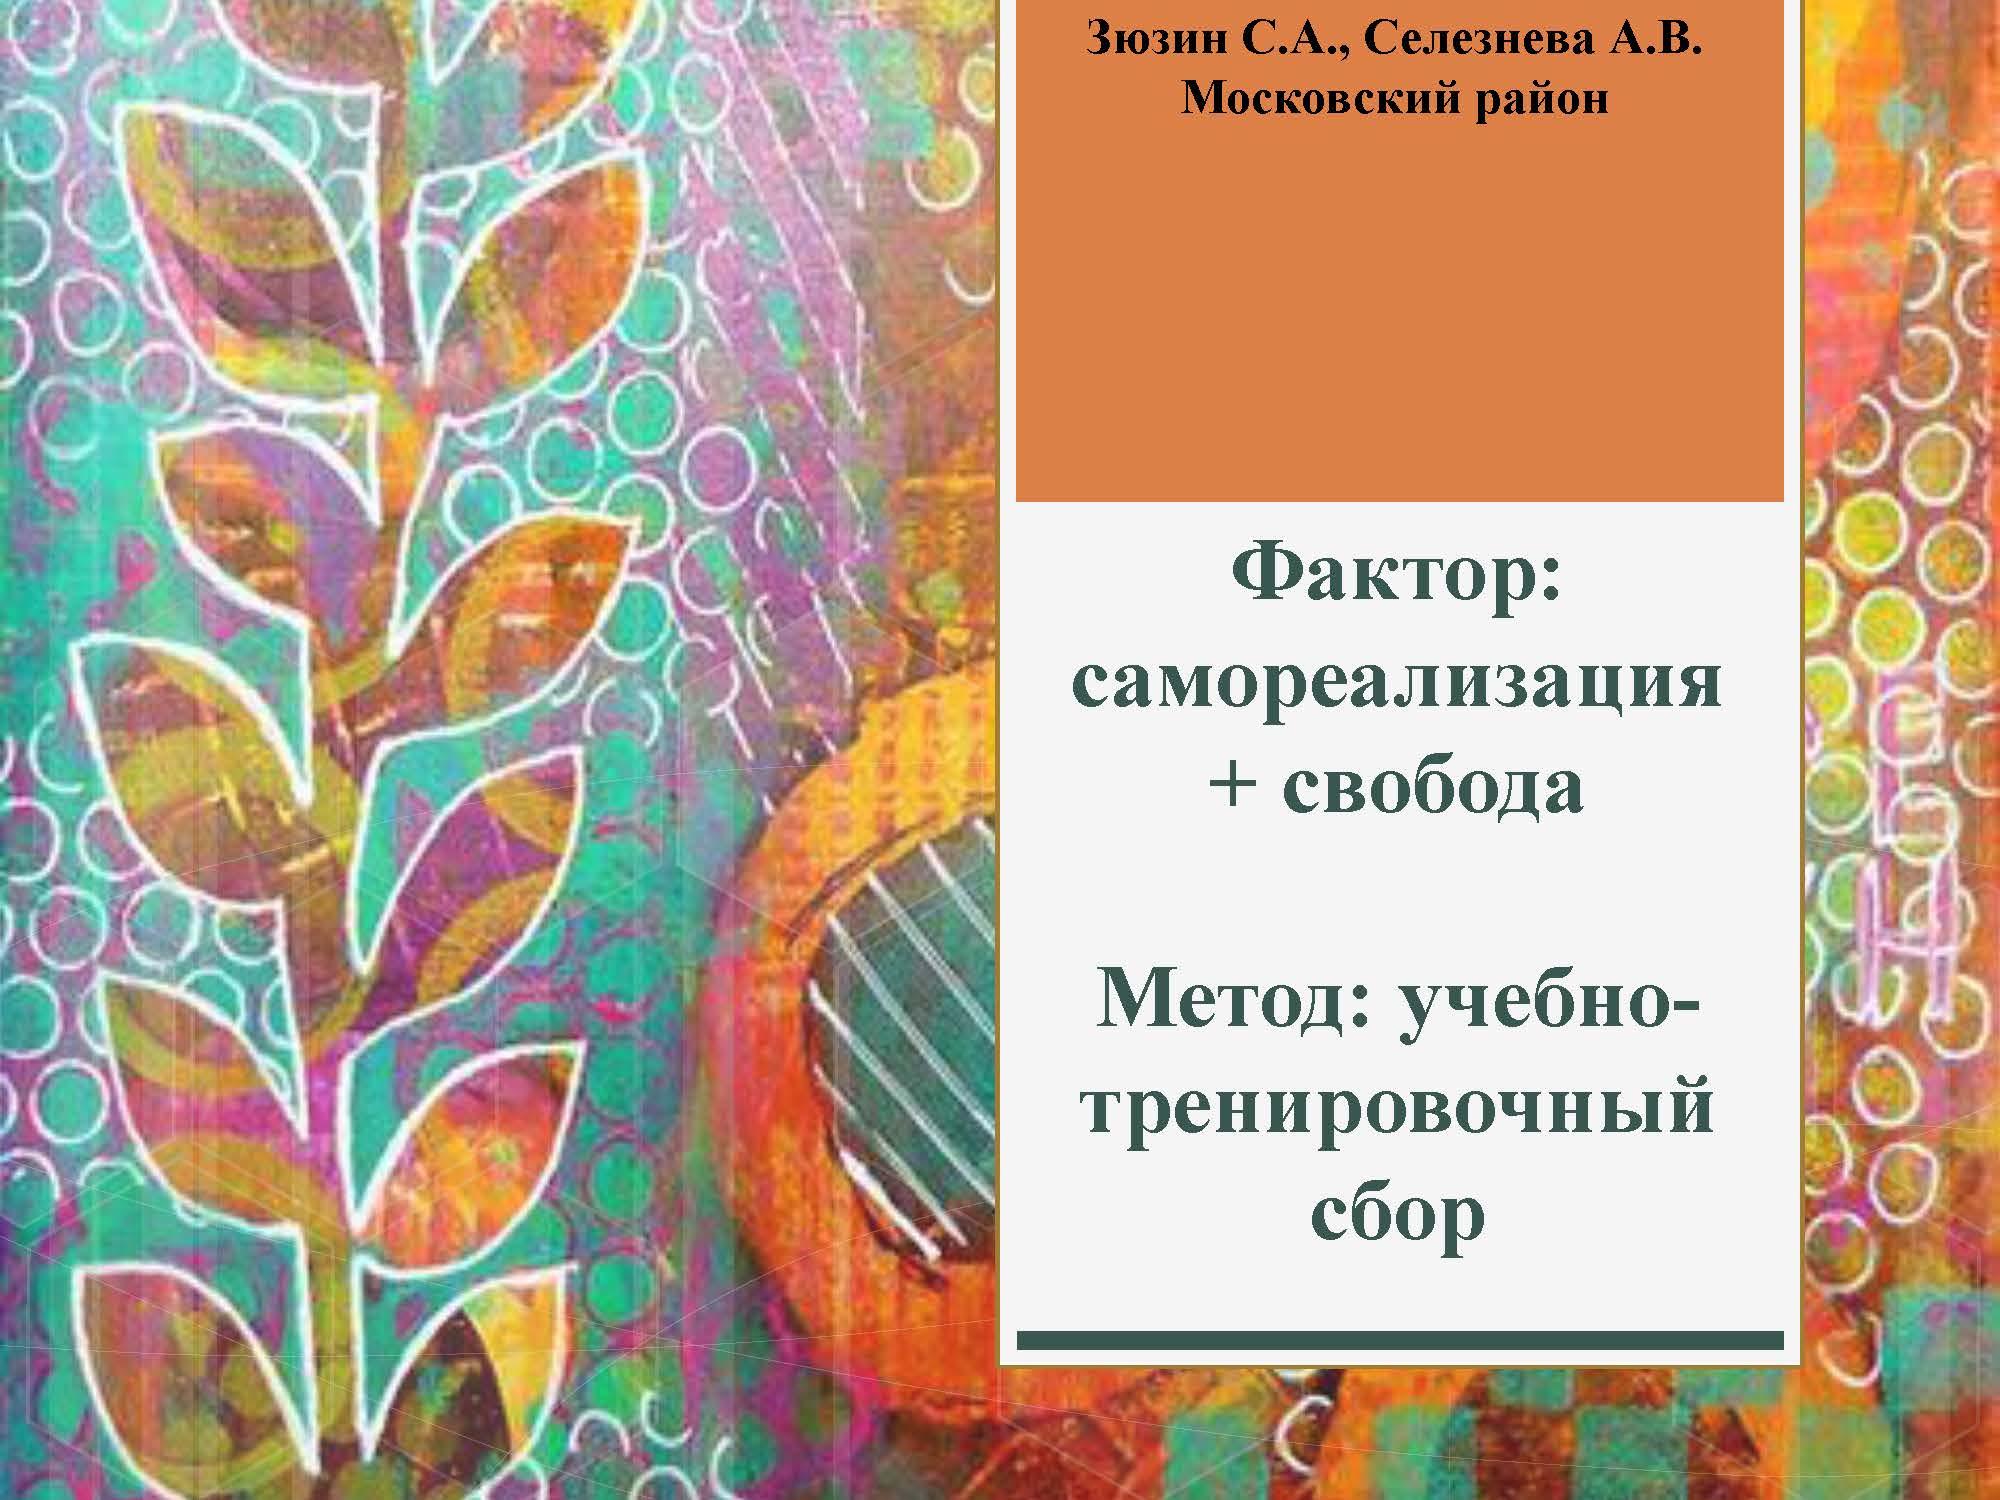 секция 8. ГБОУ 495. Московский район_Страница_23